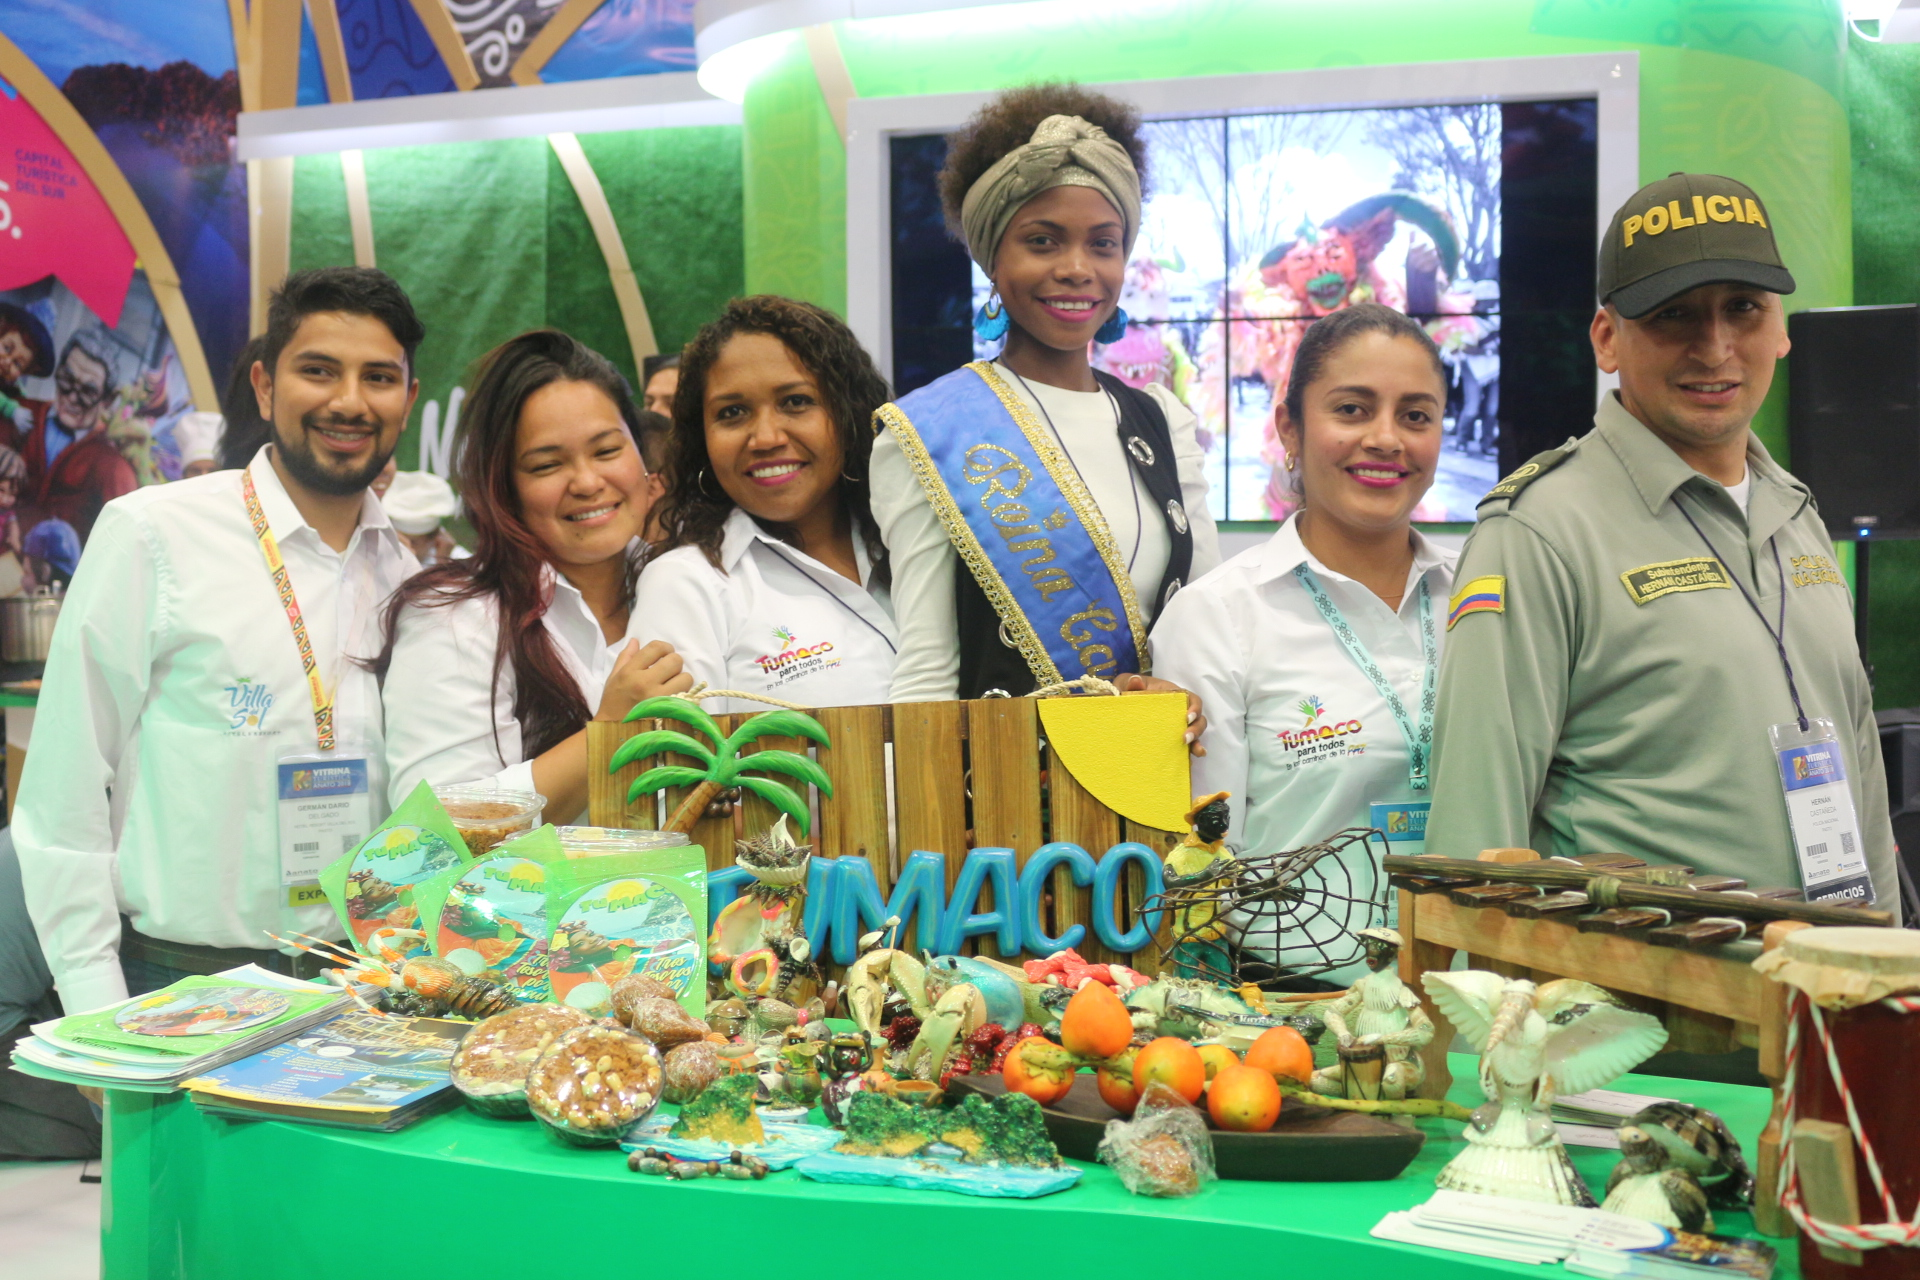 Desde la vitrina de Anato 2018, la Alcaldía de Tumaco mostró todo su potencial turístico con el que se espera cambiar su imagen a la de un territorio próspero y lleno de oportunidades